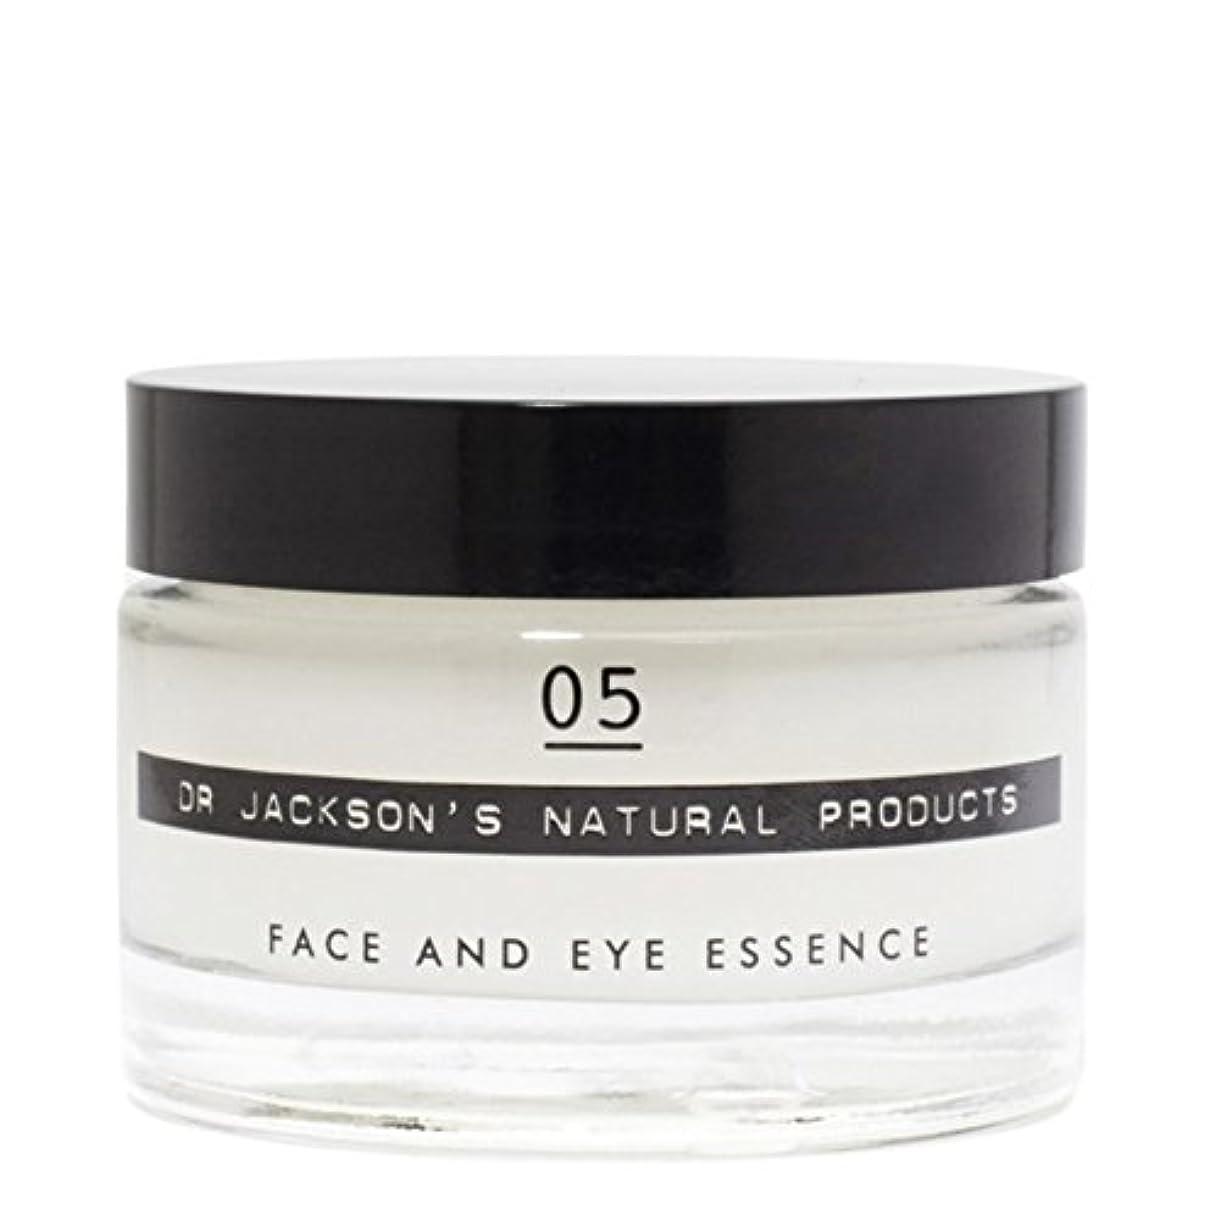 偽善者遺産哲学ジャクソンの05顔や目の本質50ミリリットル x4 - Dr Jackson's 05 Face and Eye Essence 50ml (Pack of 4) [並行輸入品]